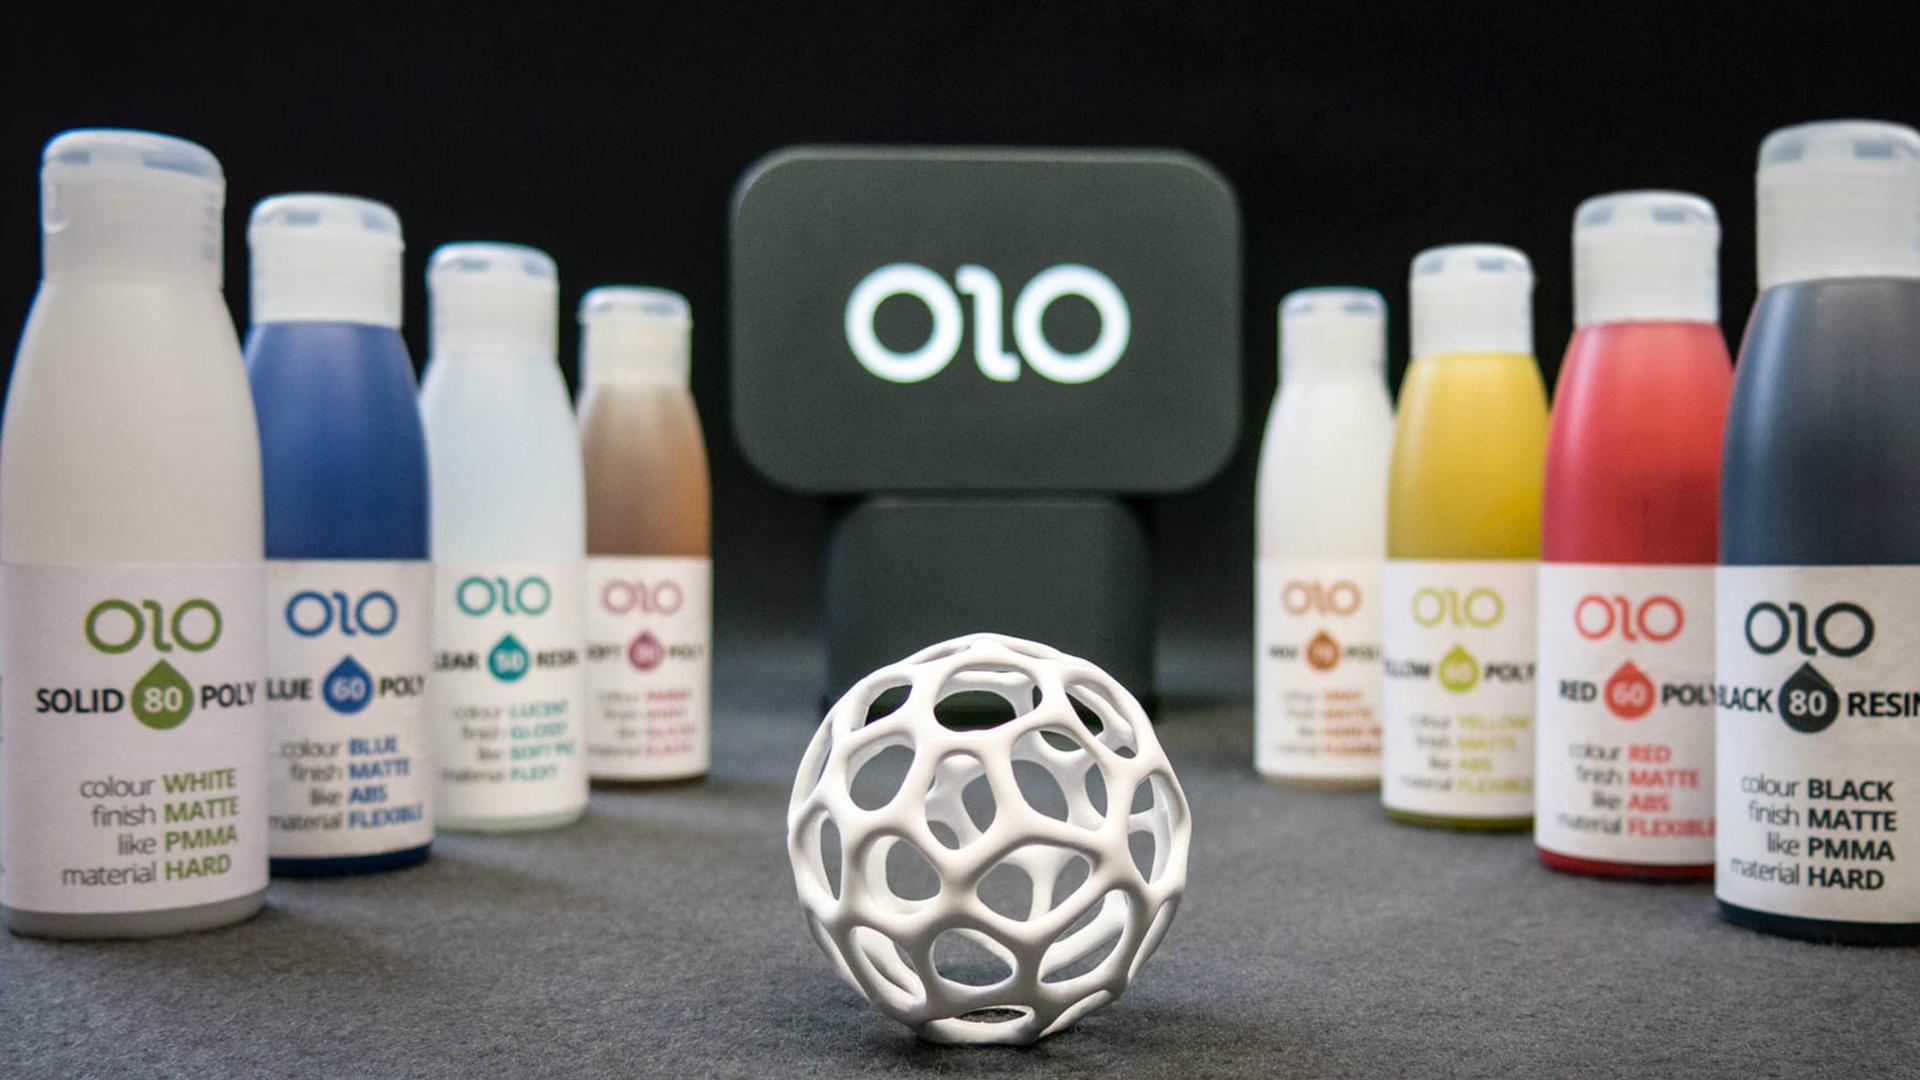 新奇装置OLO:让智能手机秒变3D打印机